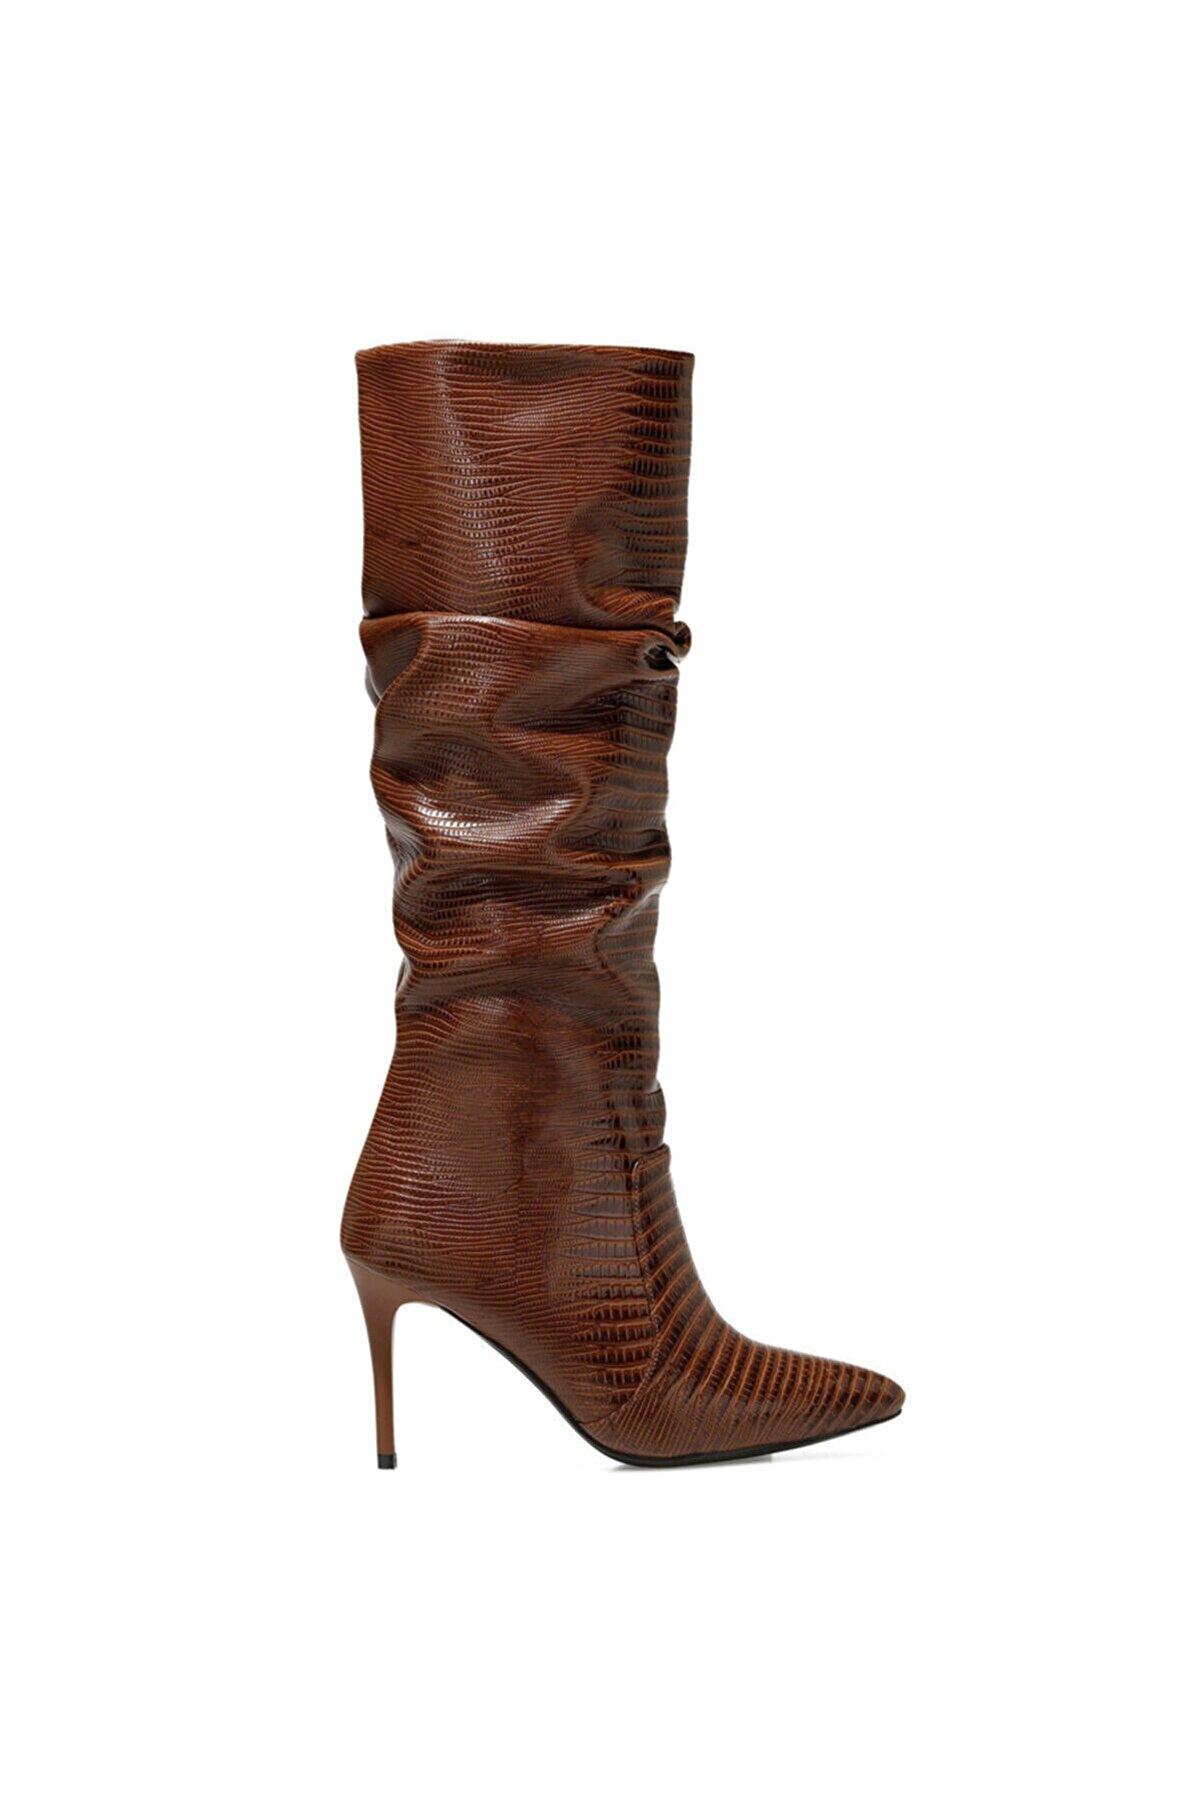 Nine West SISSO Taba Kadın Ökçeli Çizme 100582116